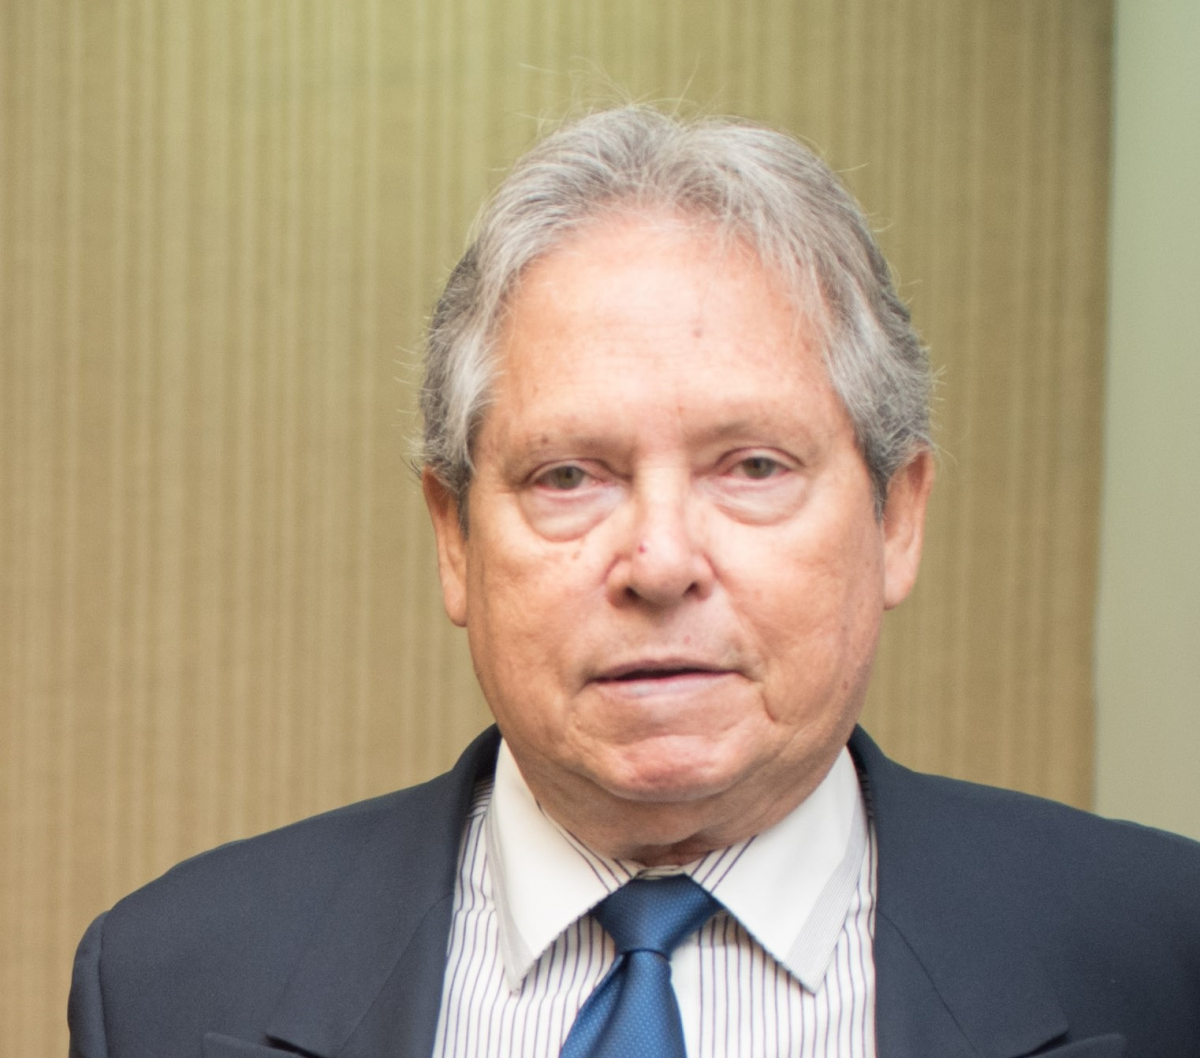 Gilberto Jorge Ferreira de Freitas